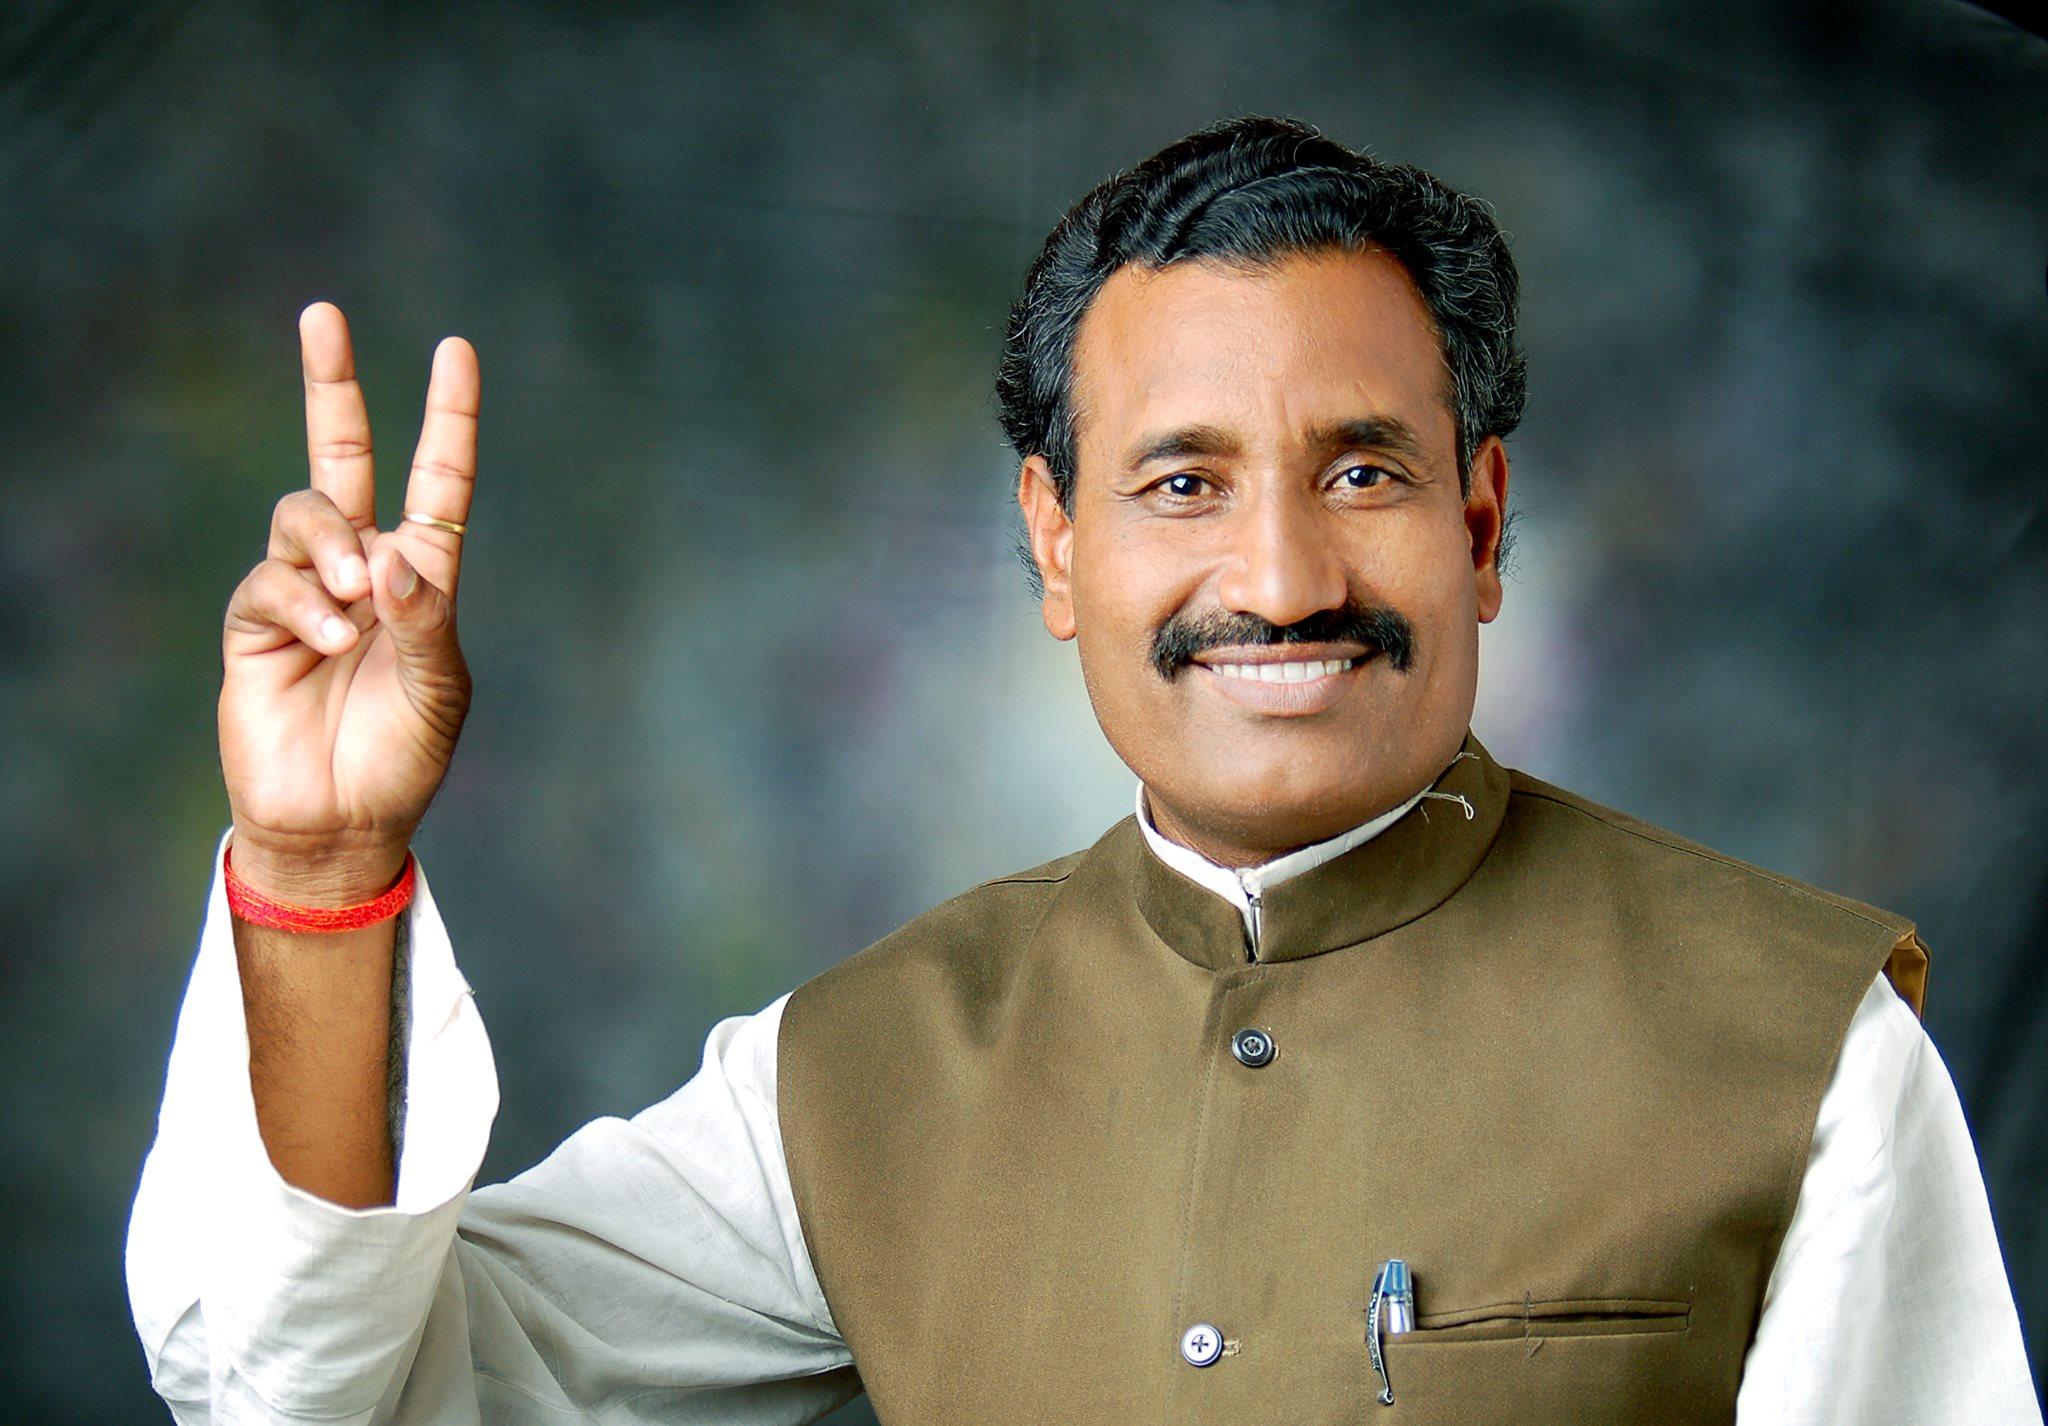 اتر پردیش کےبھدوہی سے بی جے پی ایم ایل اے رویندر ناتھ ترپاٹھی(فوٹوبہ شکریہ :www.facebook.com/ravindranath.tripathi.54)